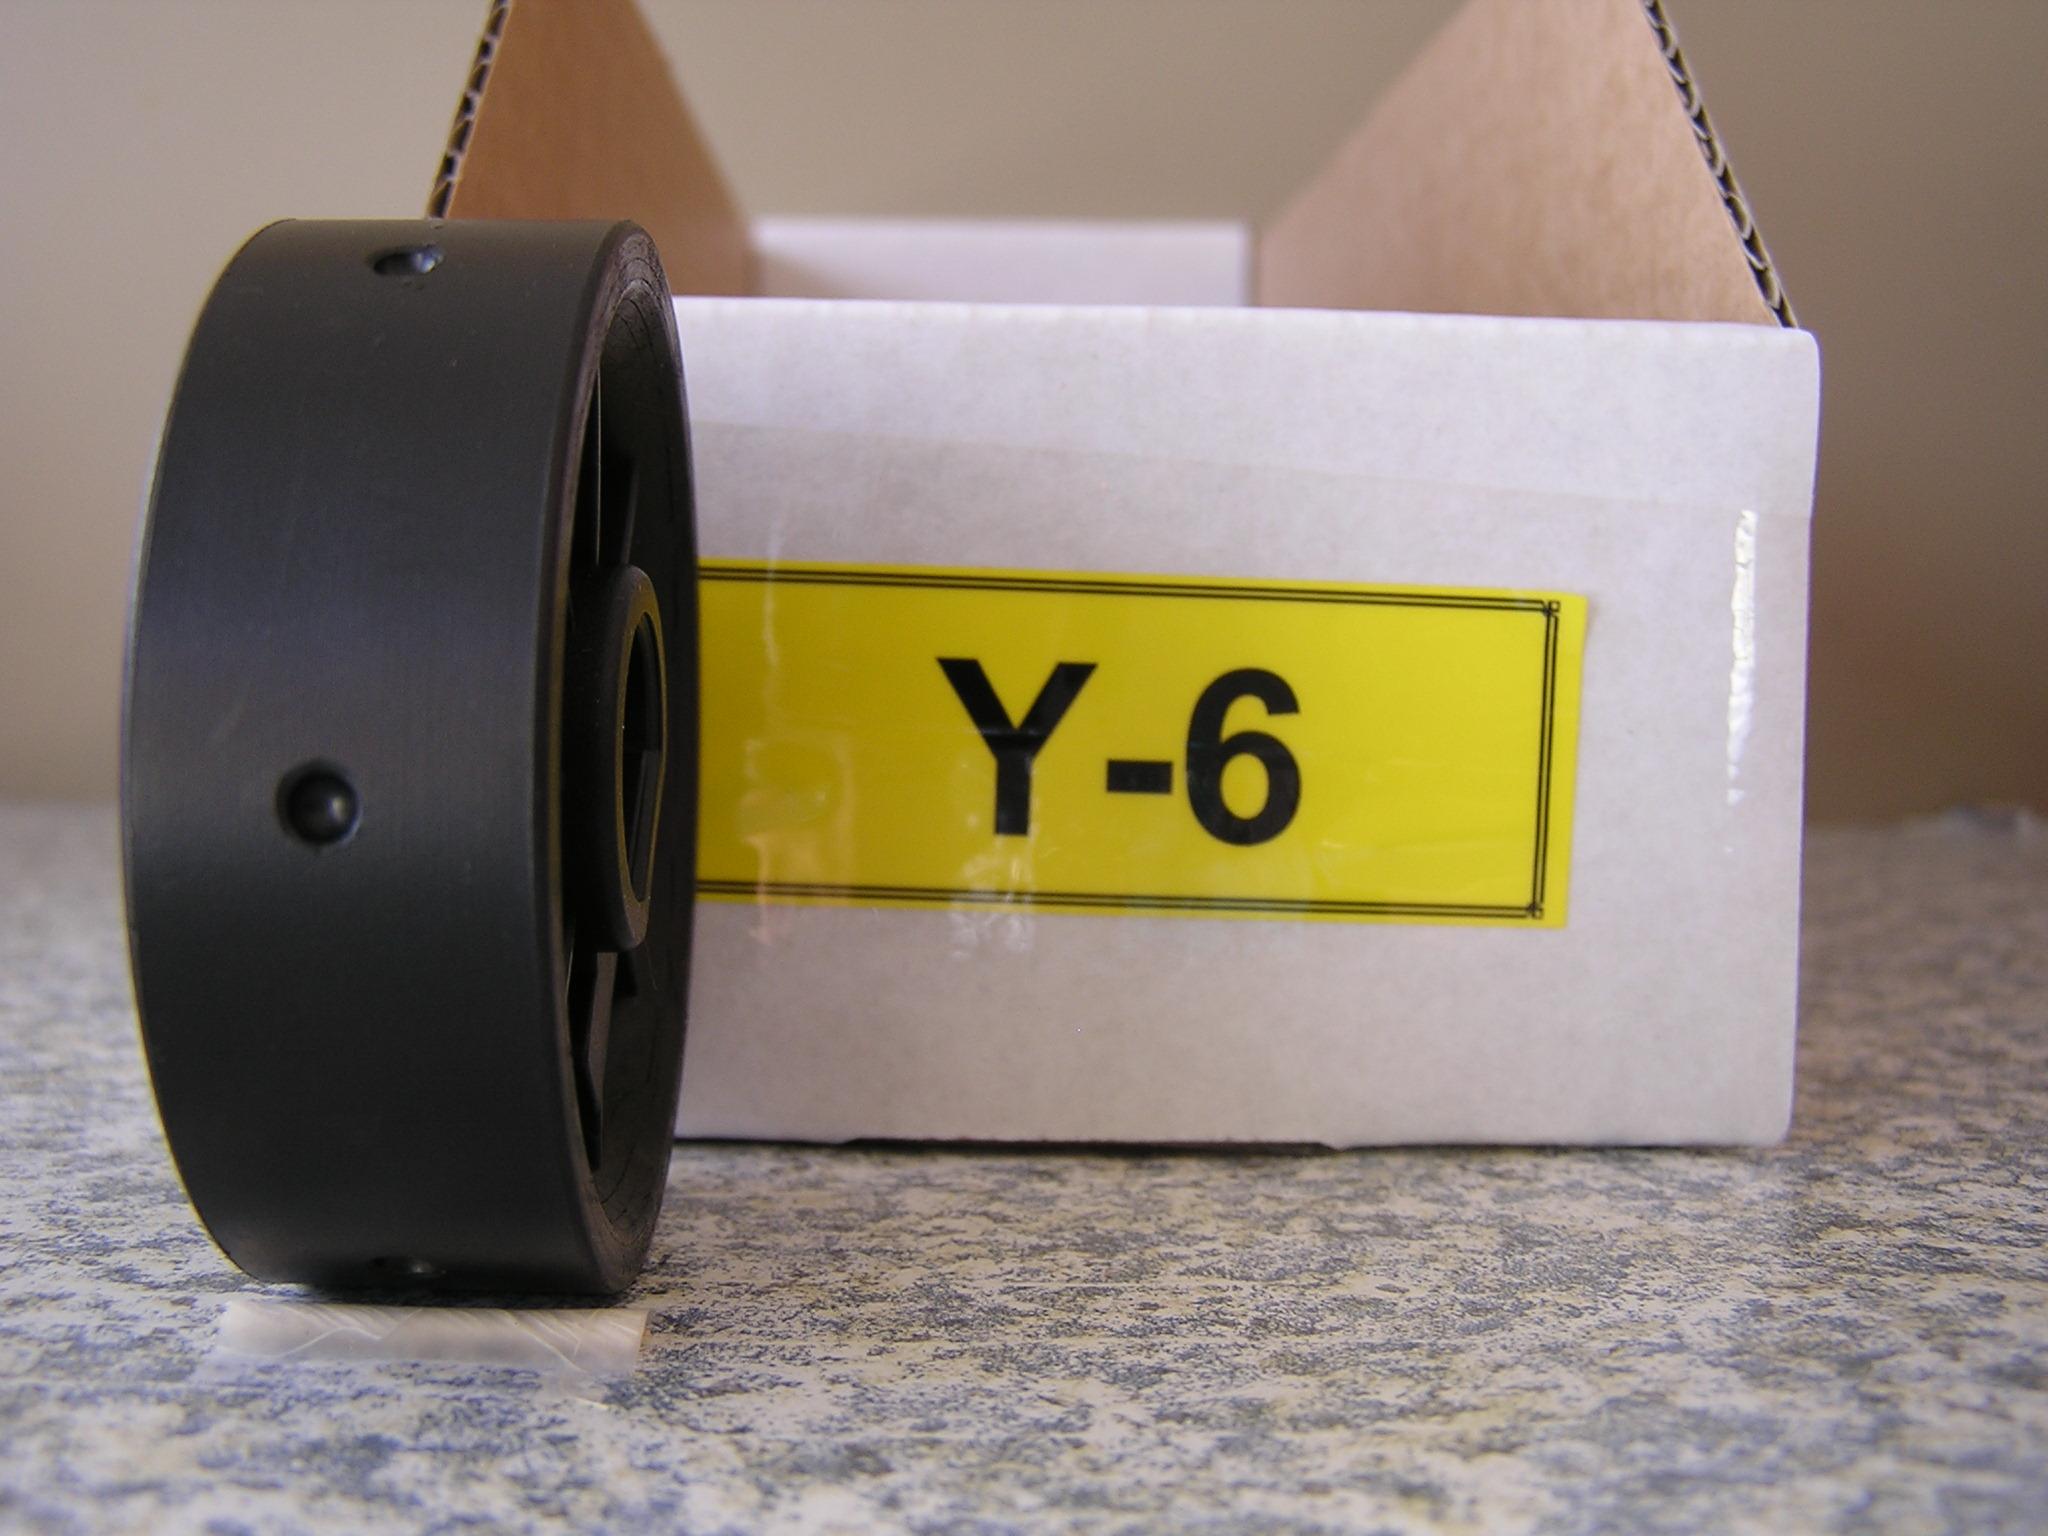 Y-6 Roller for Jang Seeder, 3.5 mm Slot, 6 Slots on the Roller